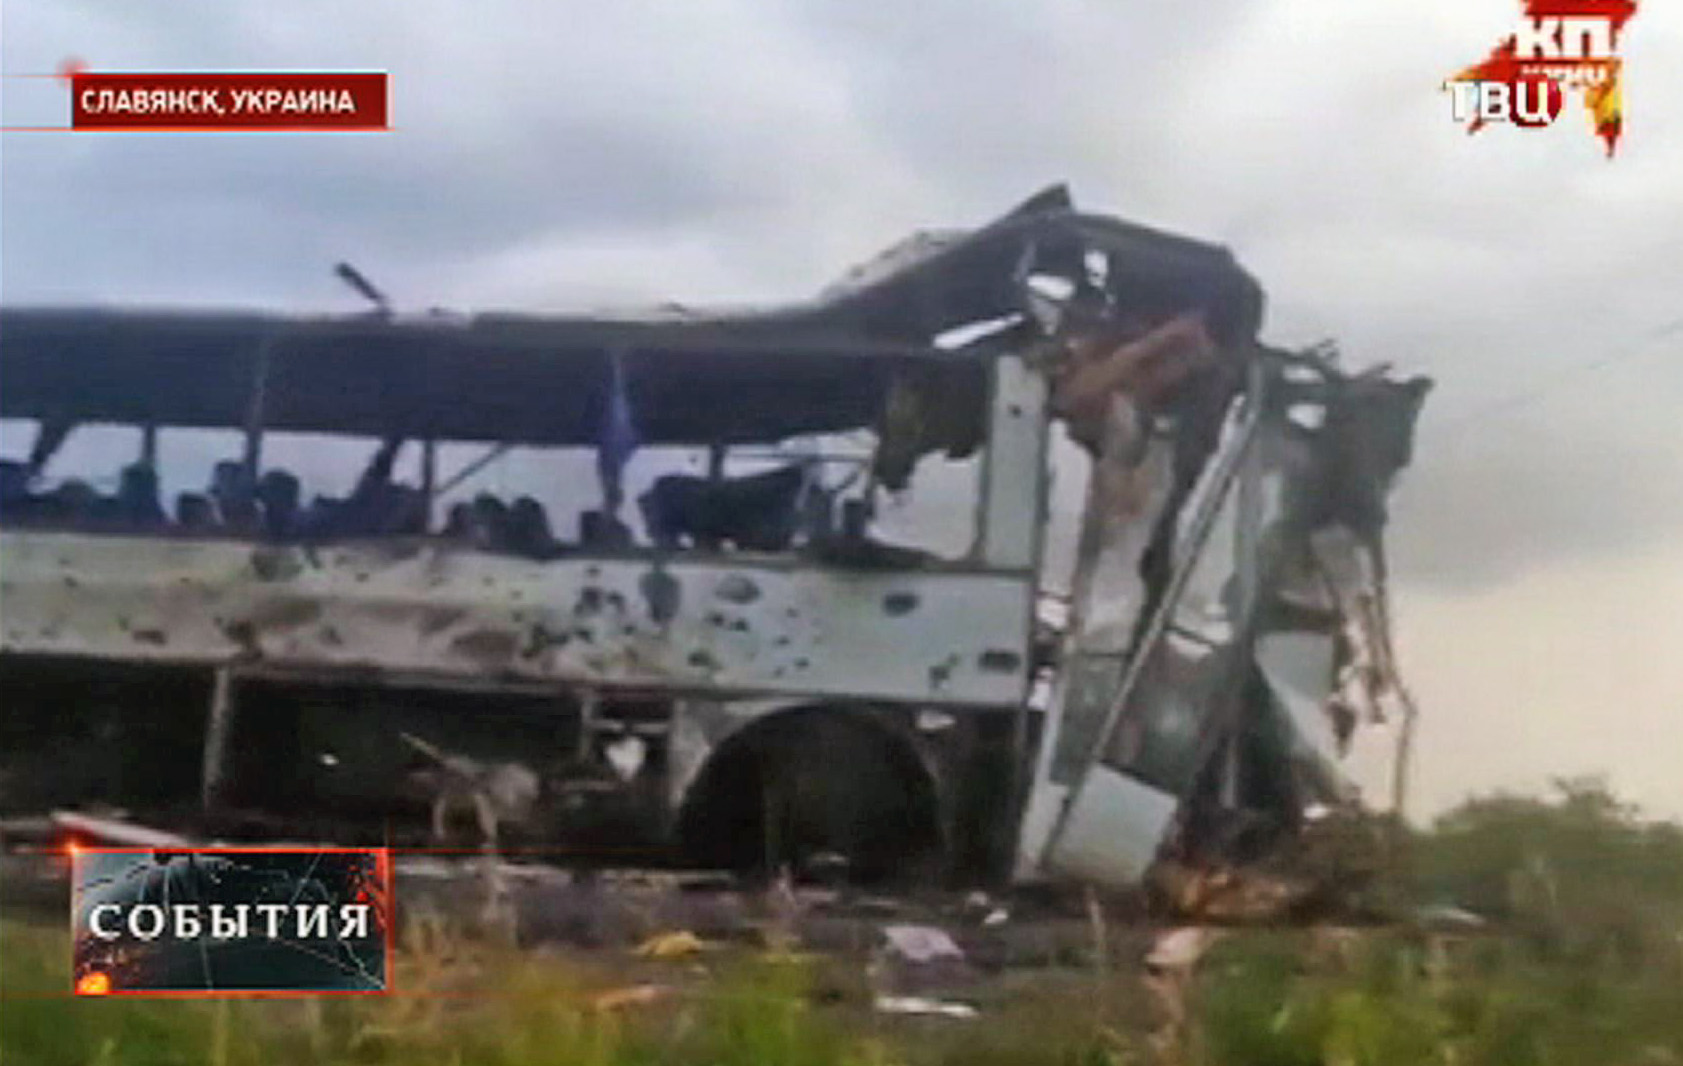 Обстрелянный автобус под Славянском